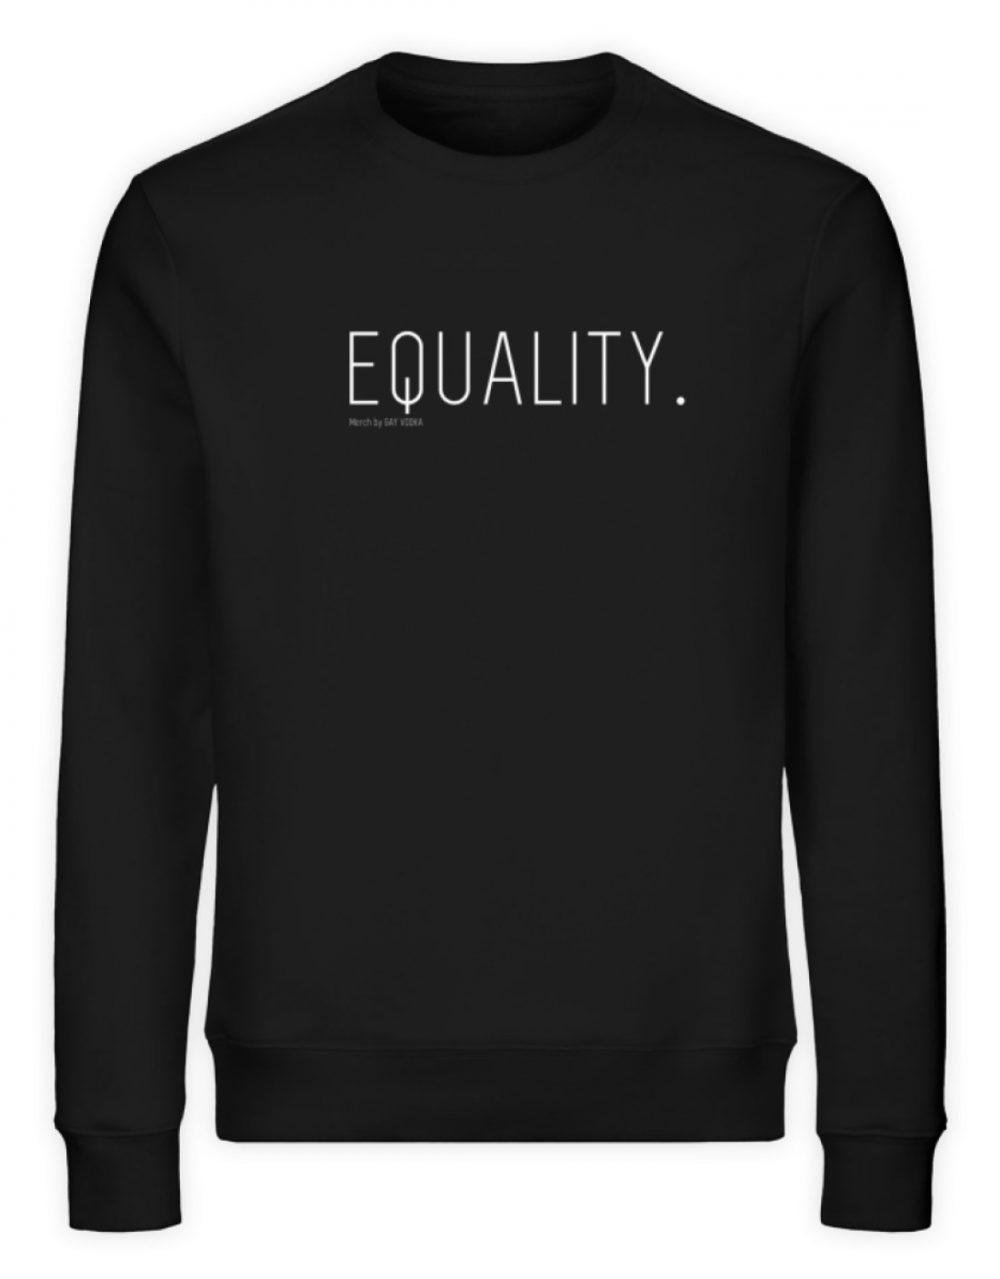 EQUALITY. - Unisex Organic Sweatshirt-16